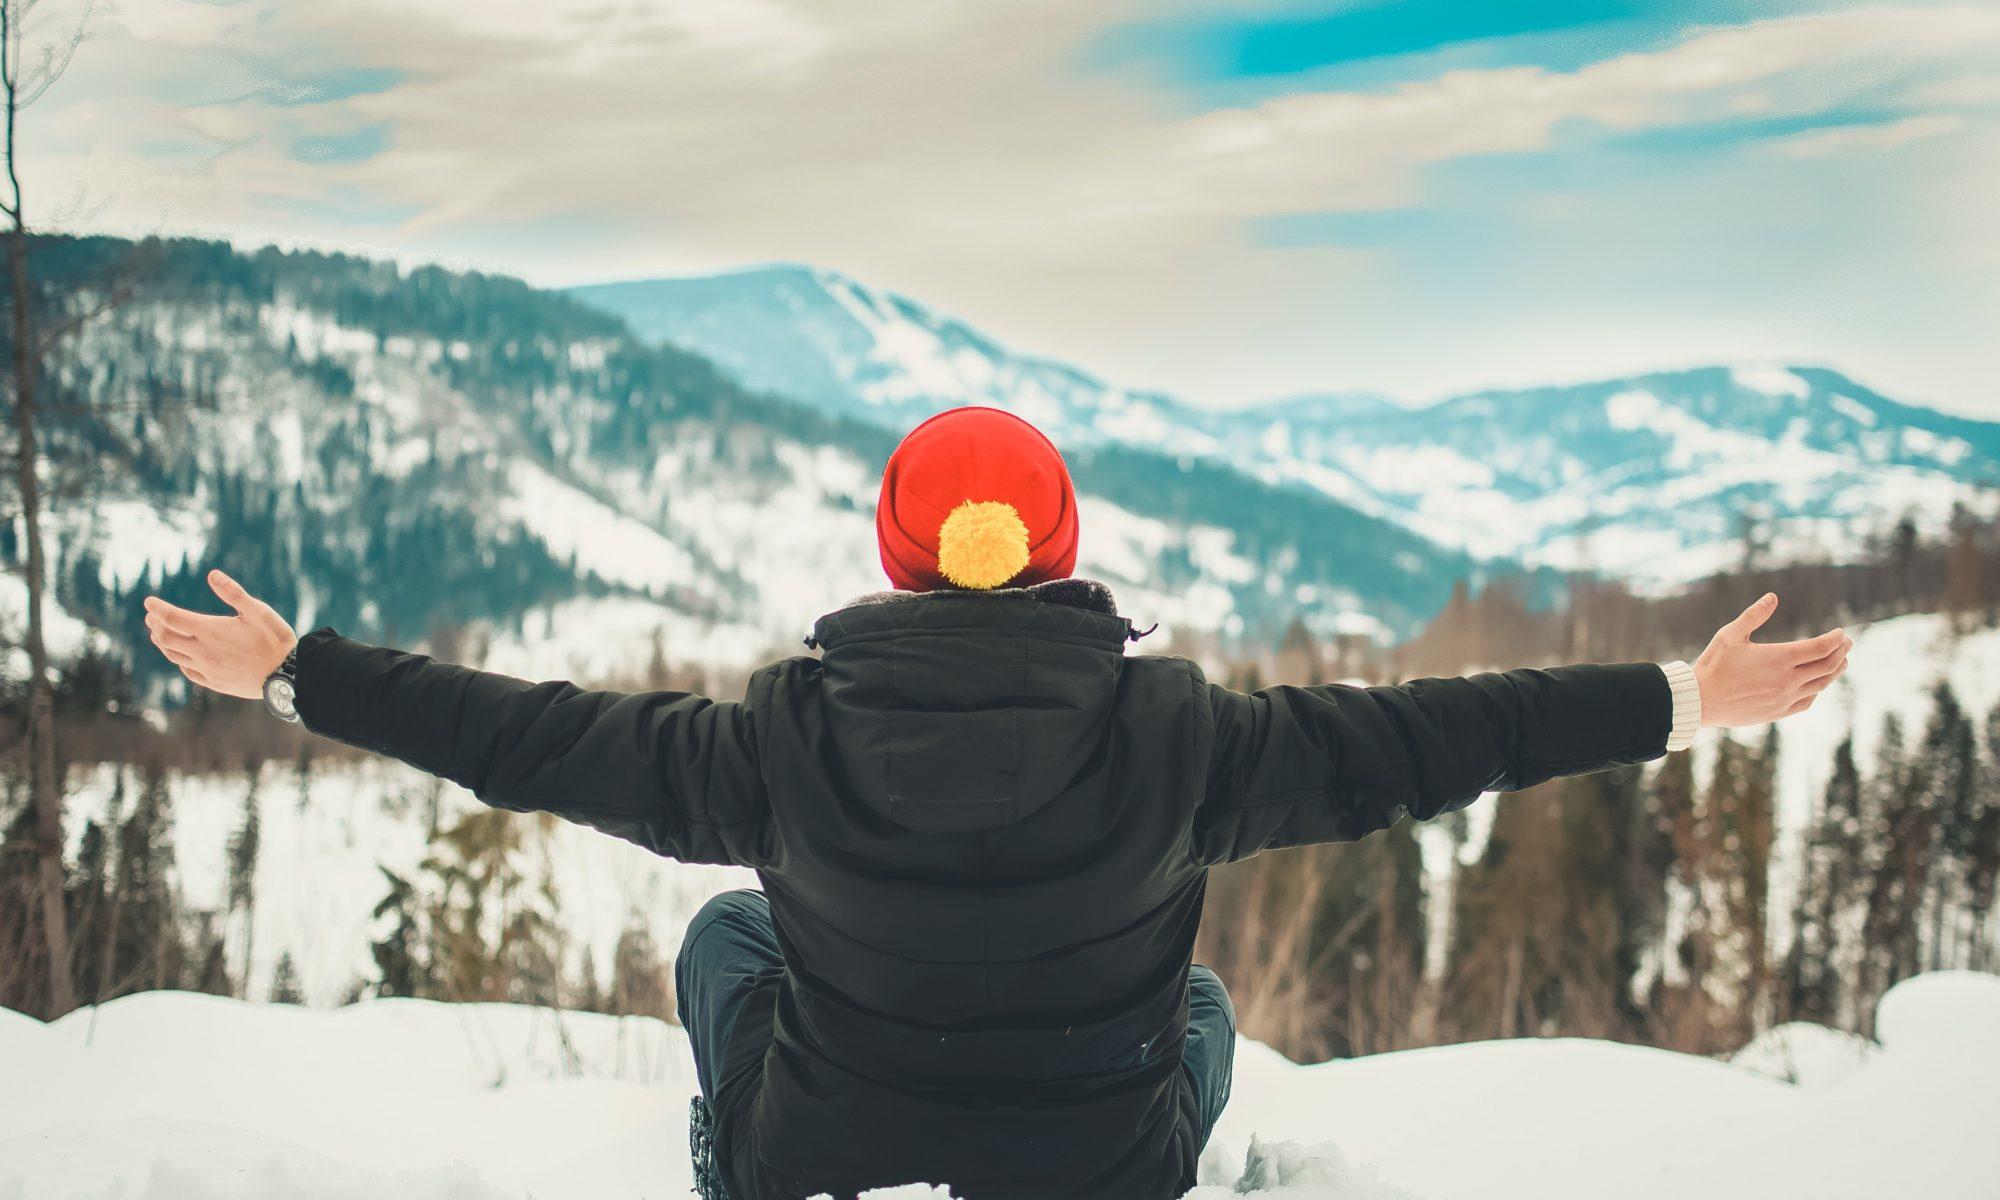 Sentado en la nieve con chaqueta y gorro